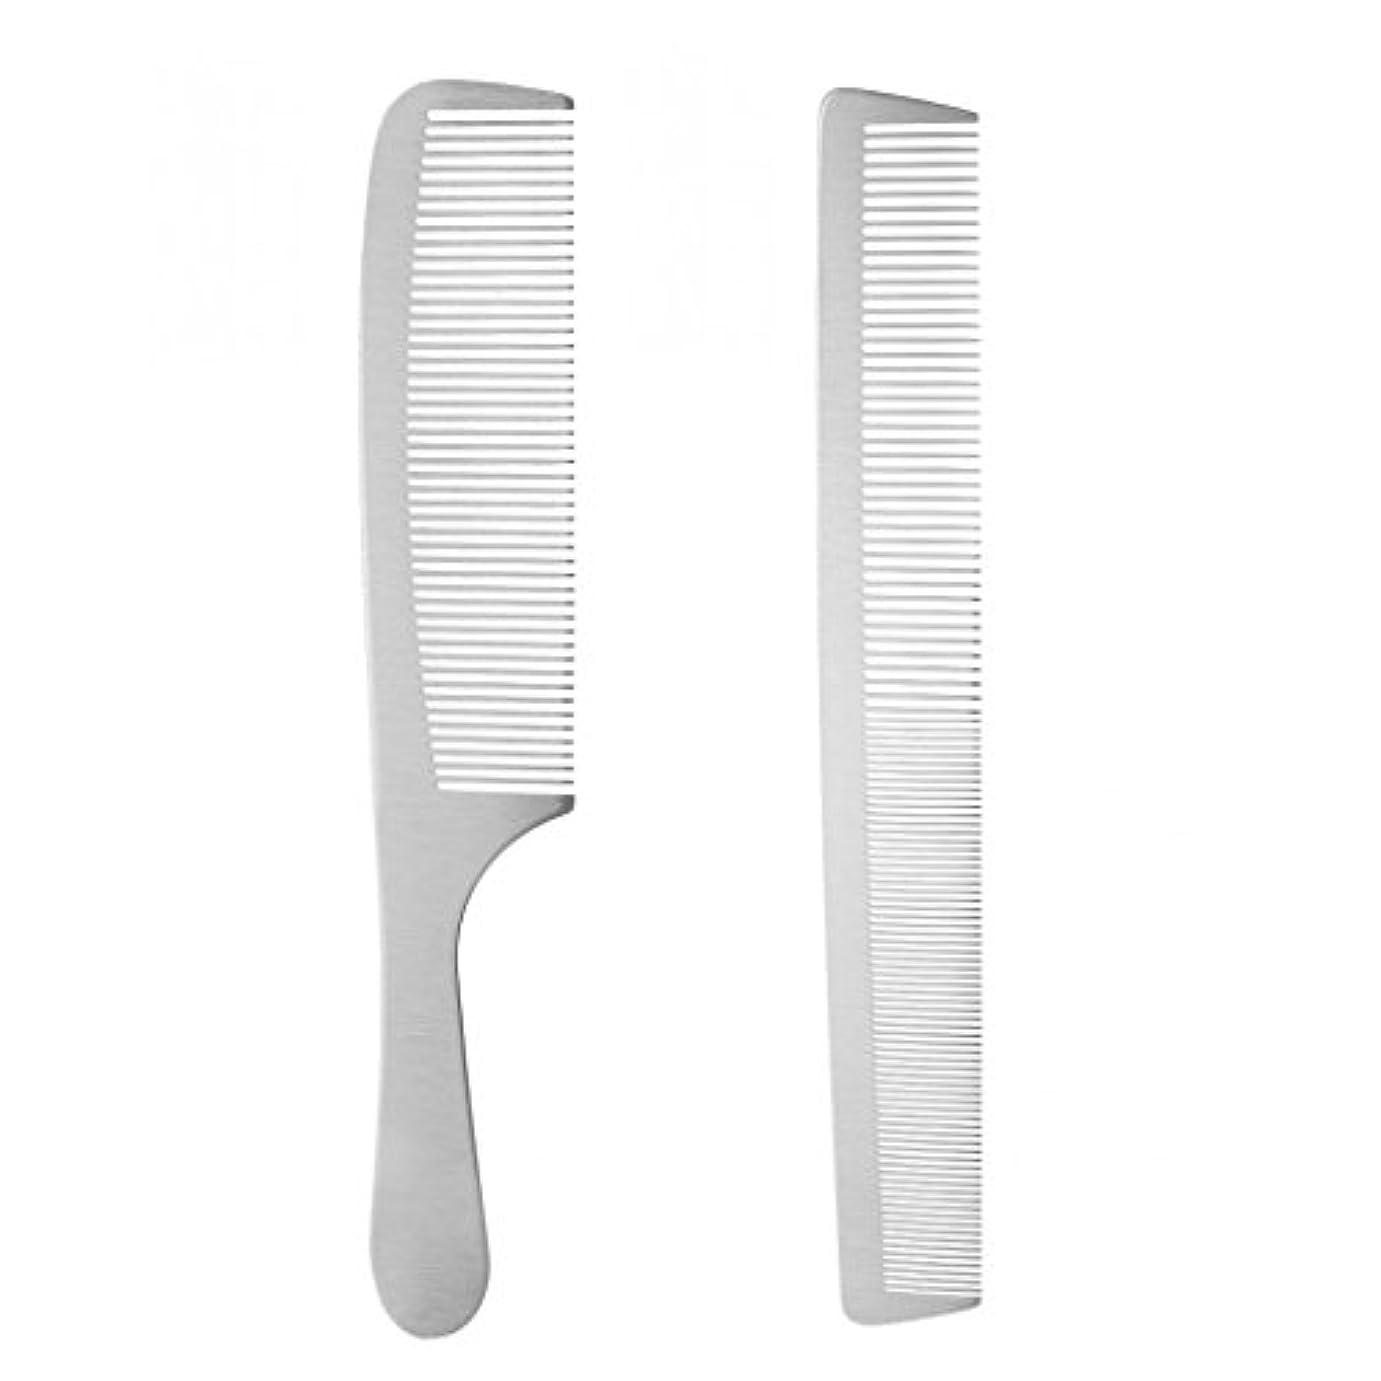 機密成功しためんどり2個 ヘアスタイリング ヘアカットコーム 櫛 ヘアブラシ ステンレス鋼 サロン 理髪師 カッティング 耐久性 耐熱性